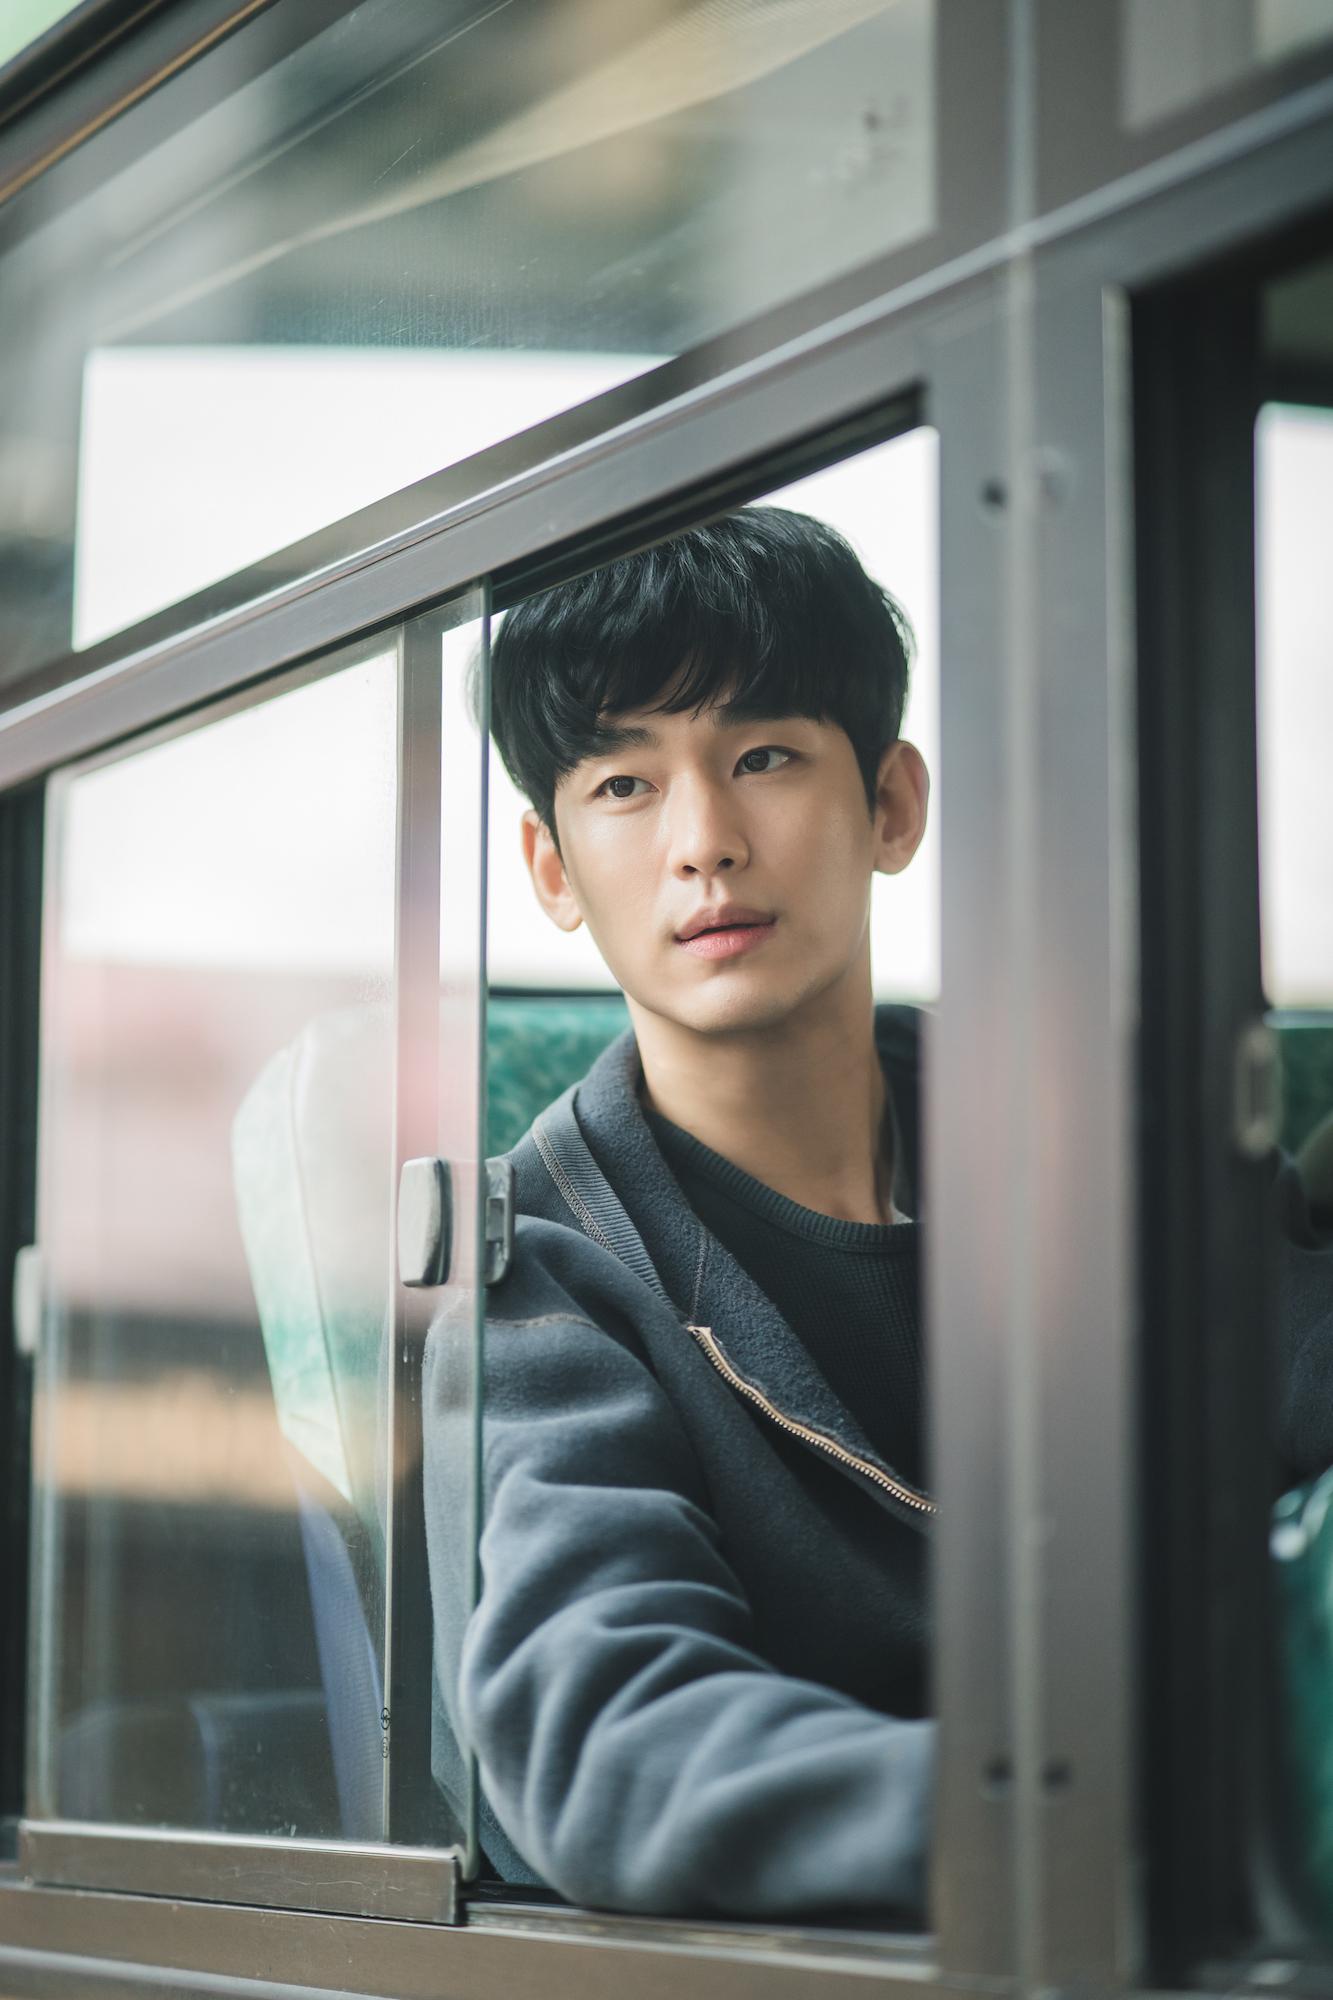 「サイコだけど大丈夫」、『最も普通の恋愛』も! この夏観るべき韓流ドラマ&映画はこれ_1_1